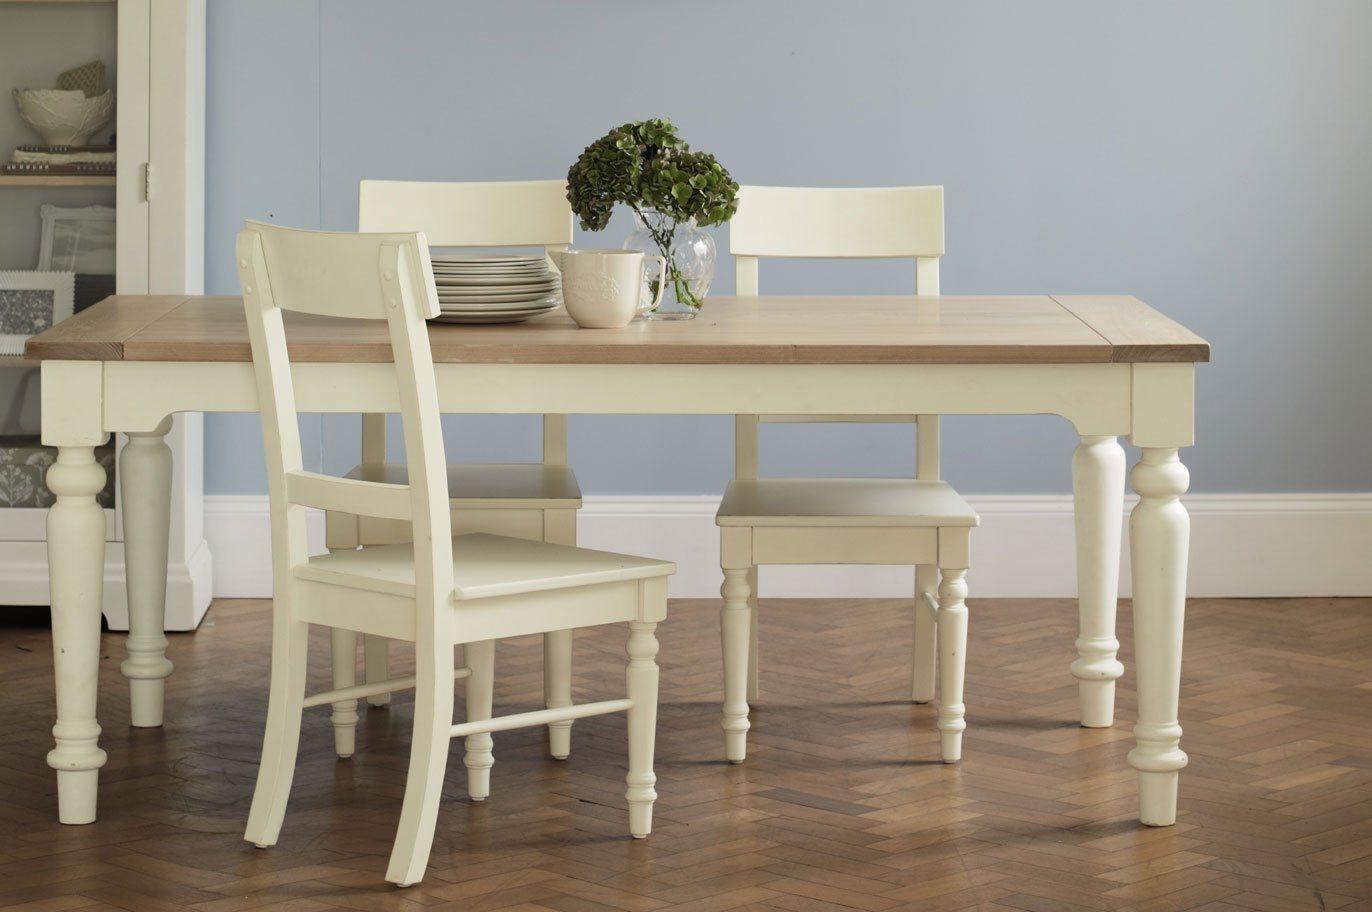 M veis para uma cozinha de estilo ingl s decora o da casa for Mesas puestas con estilo